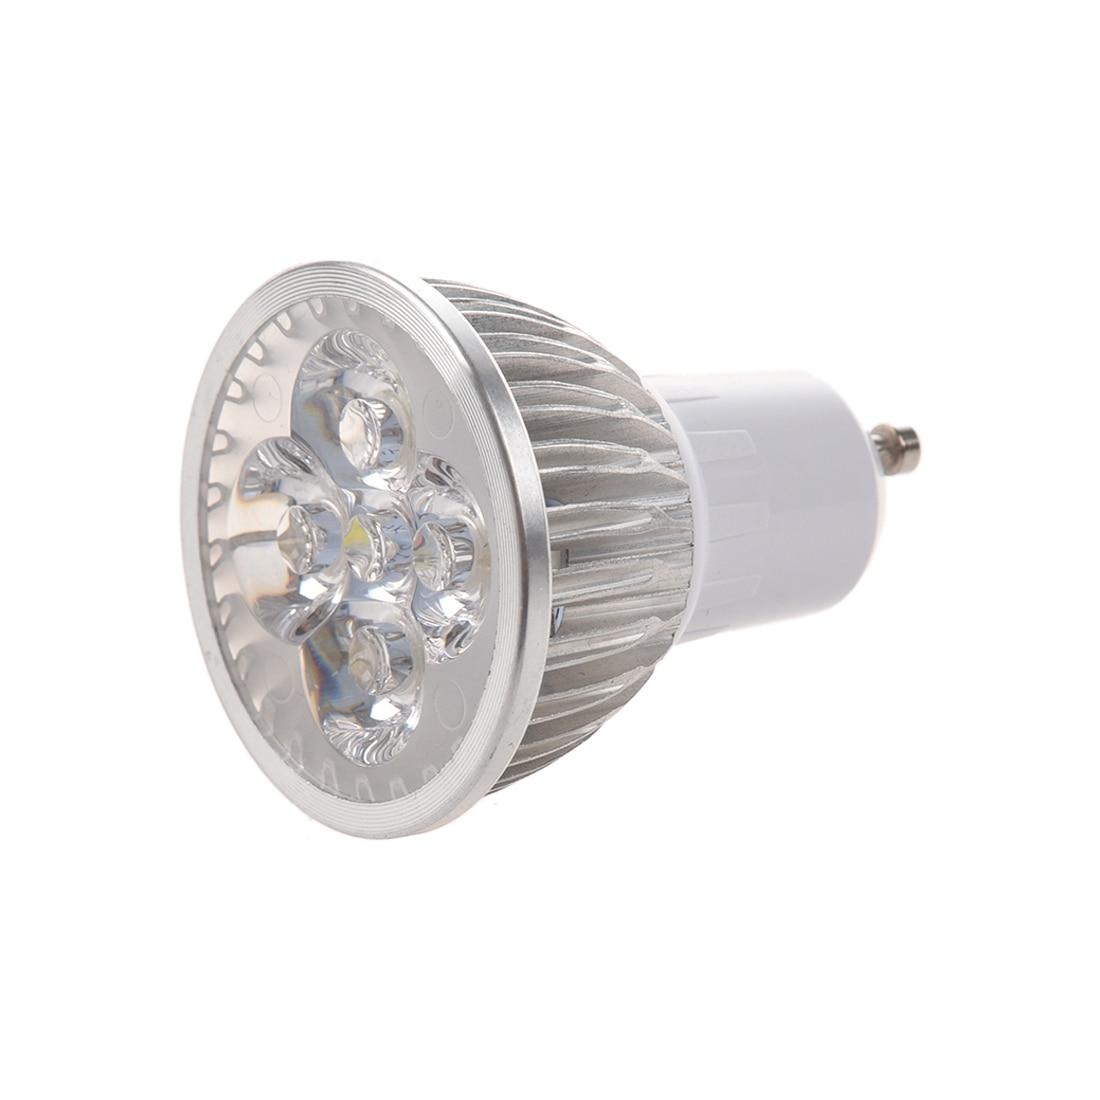 4 LED GU10 Light Bulb 4W Cold White 85-265V